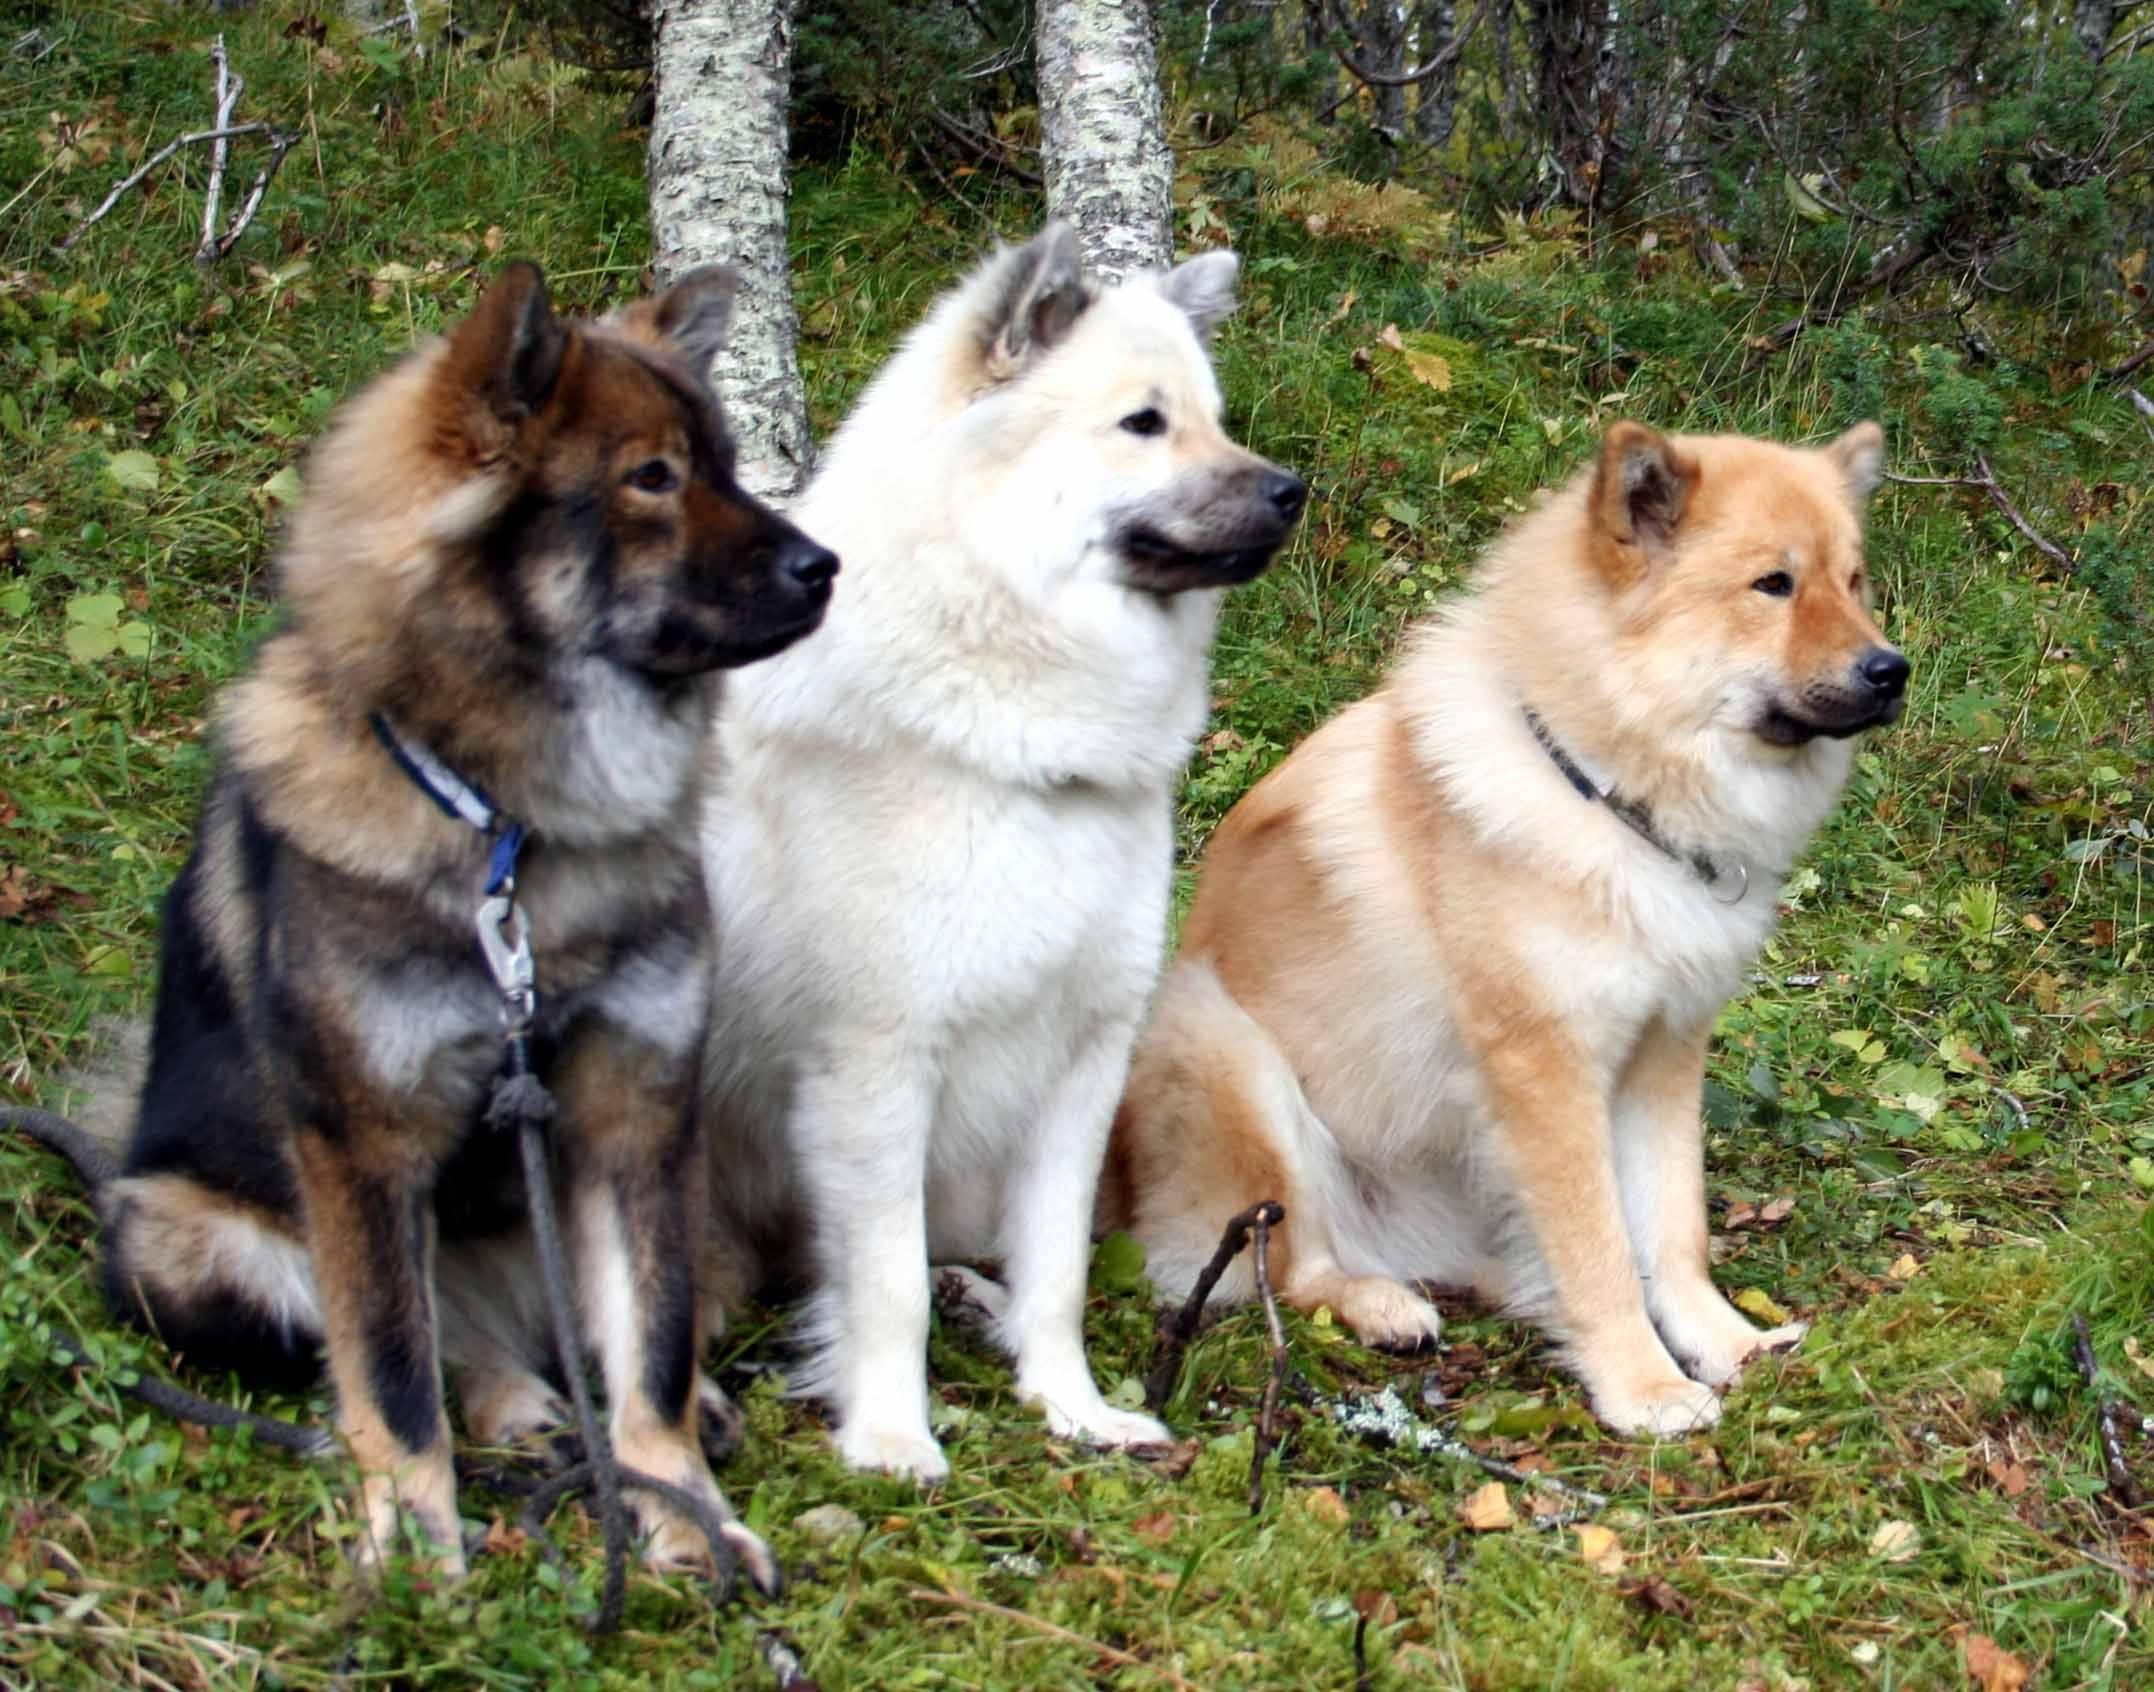 Карело — финская лайка или финский шпиц, описание породы, характер, цена и фото щенков